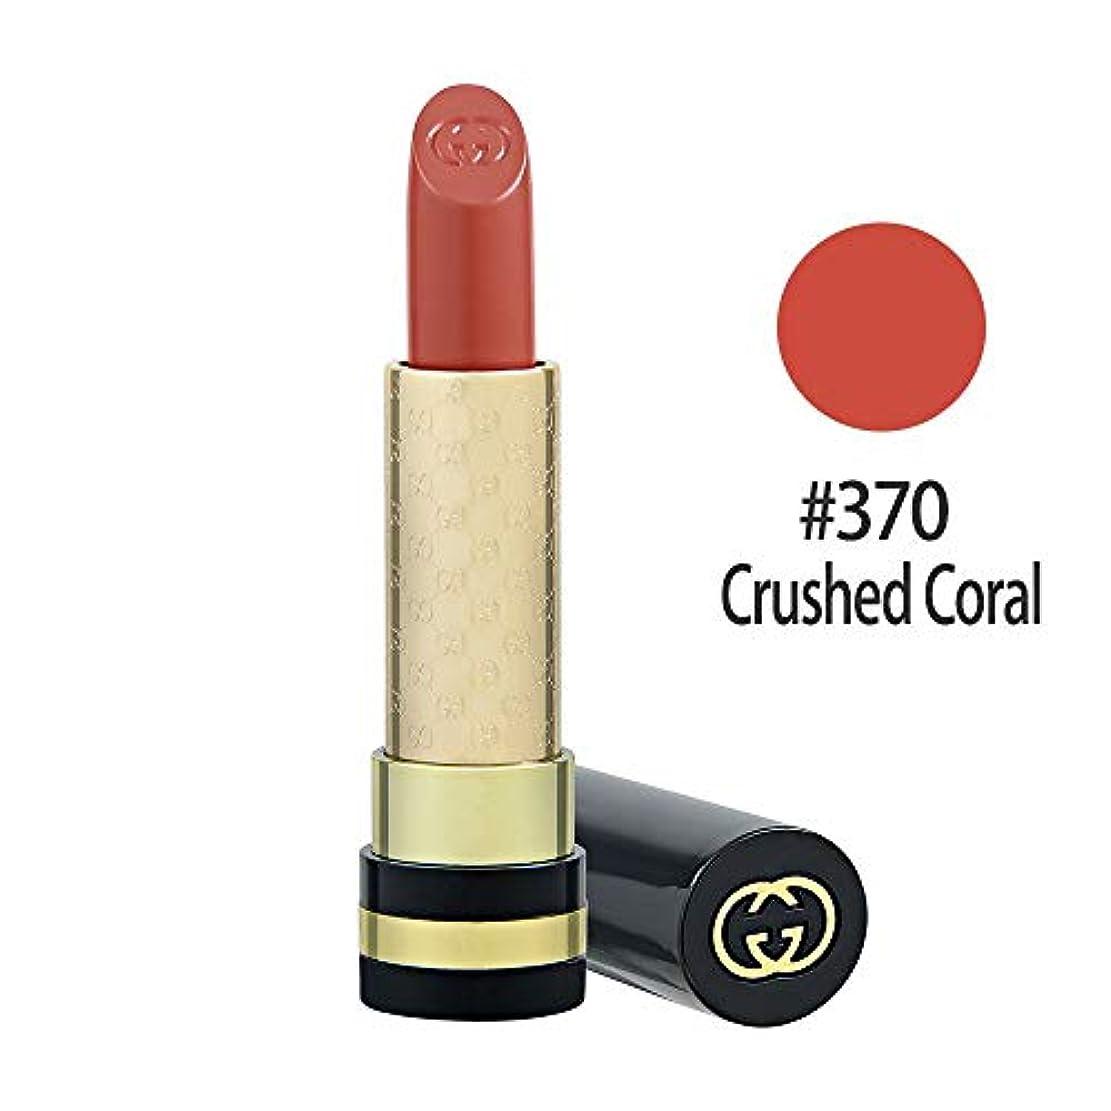 はしご完璧立証するGucci ラグジュリアスモイスチャーリッチリップスティック #370 CRUSHED CORAL 3.5g [842776] [並行輸入品]